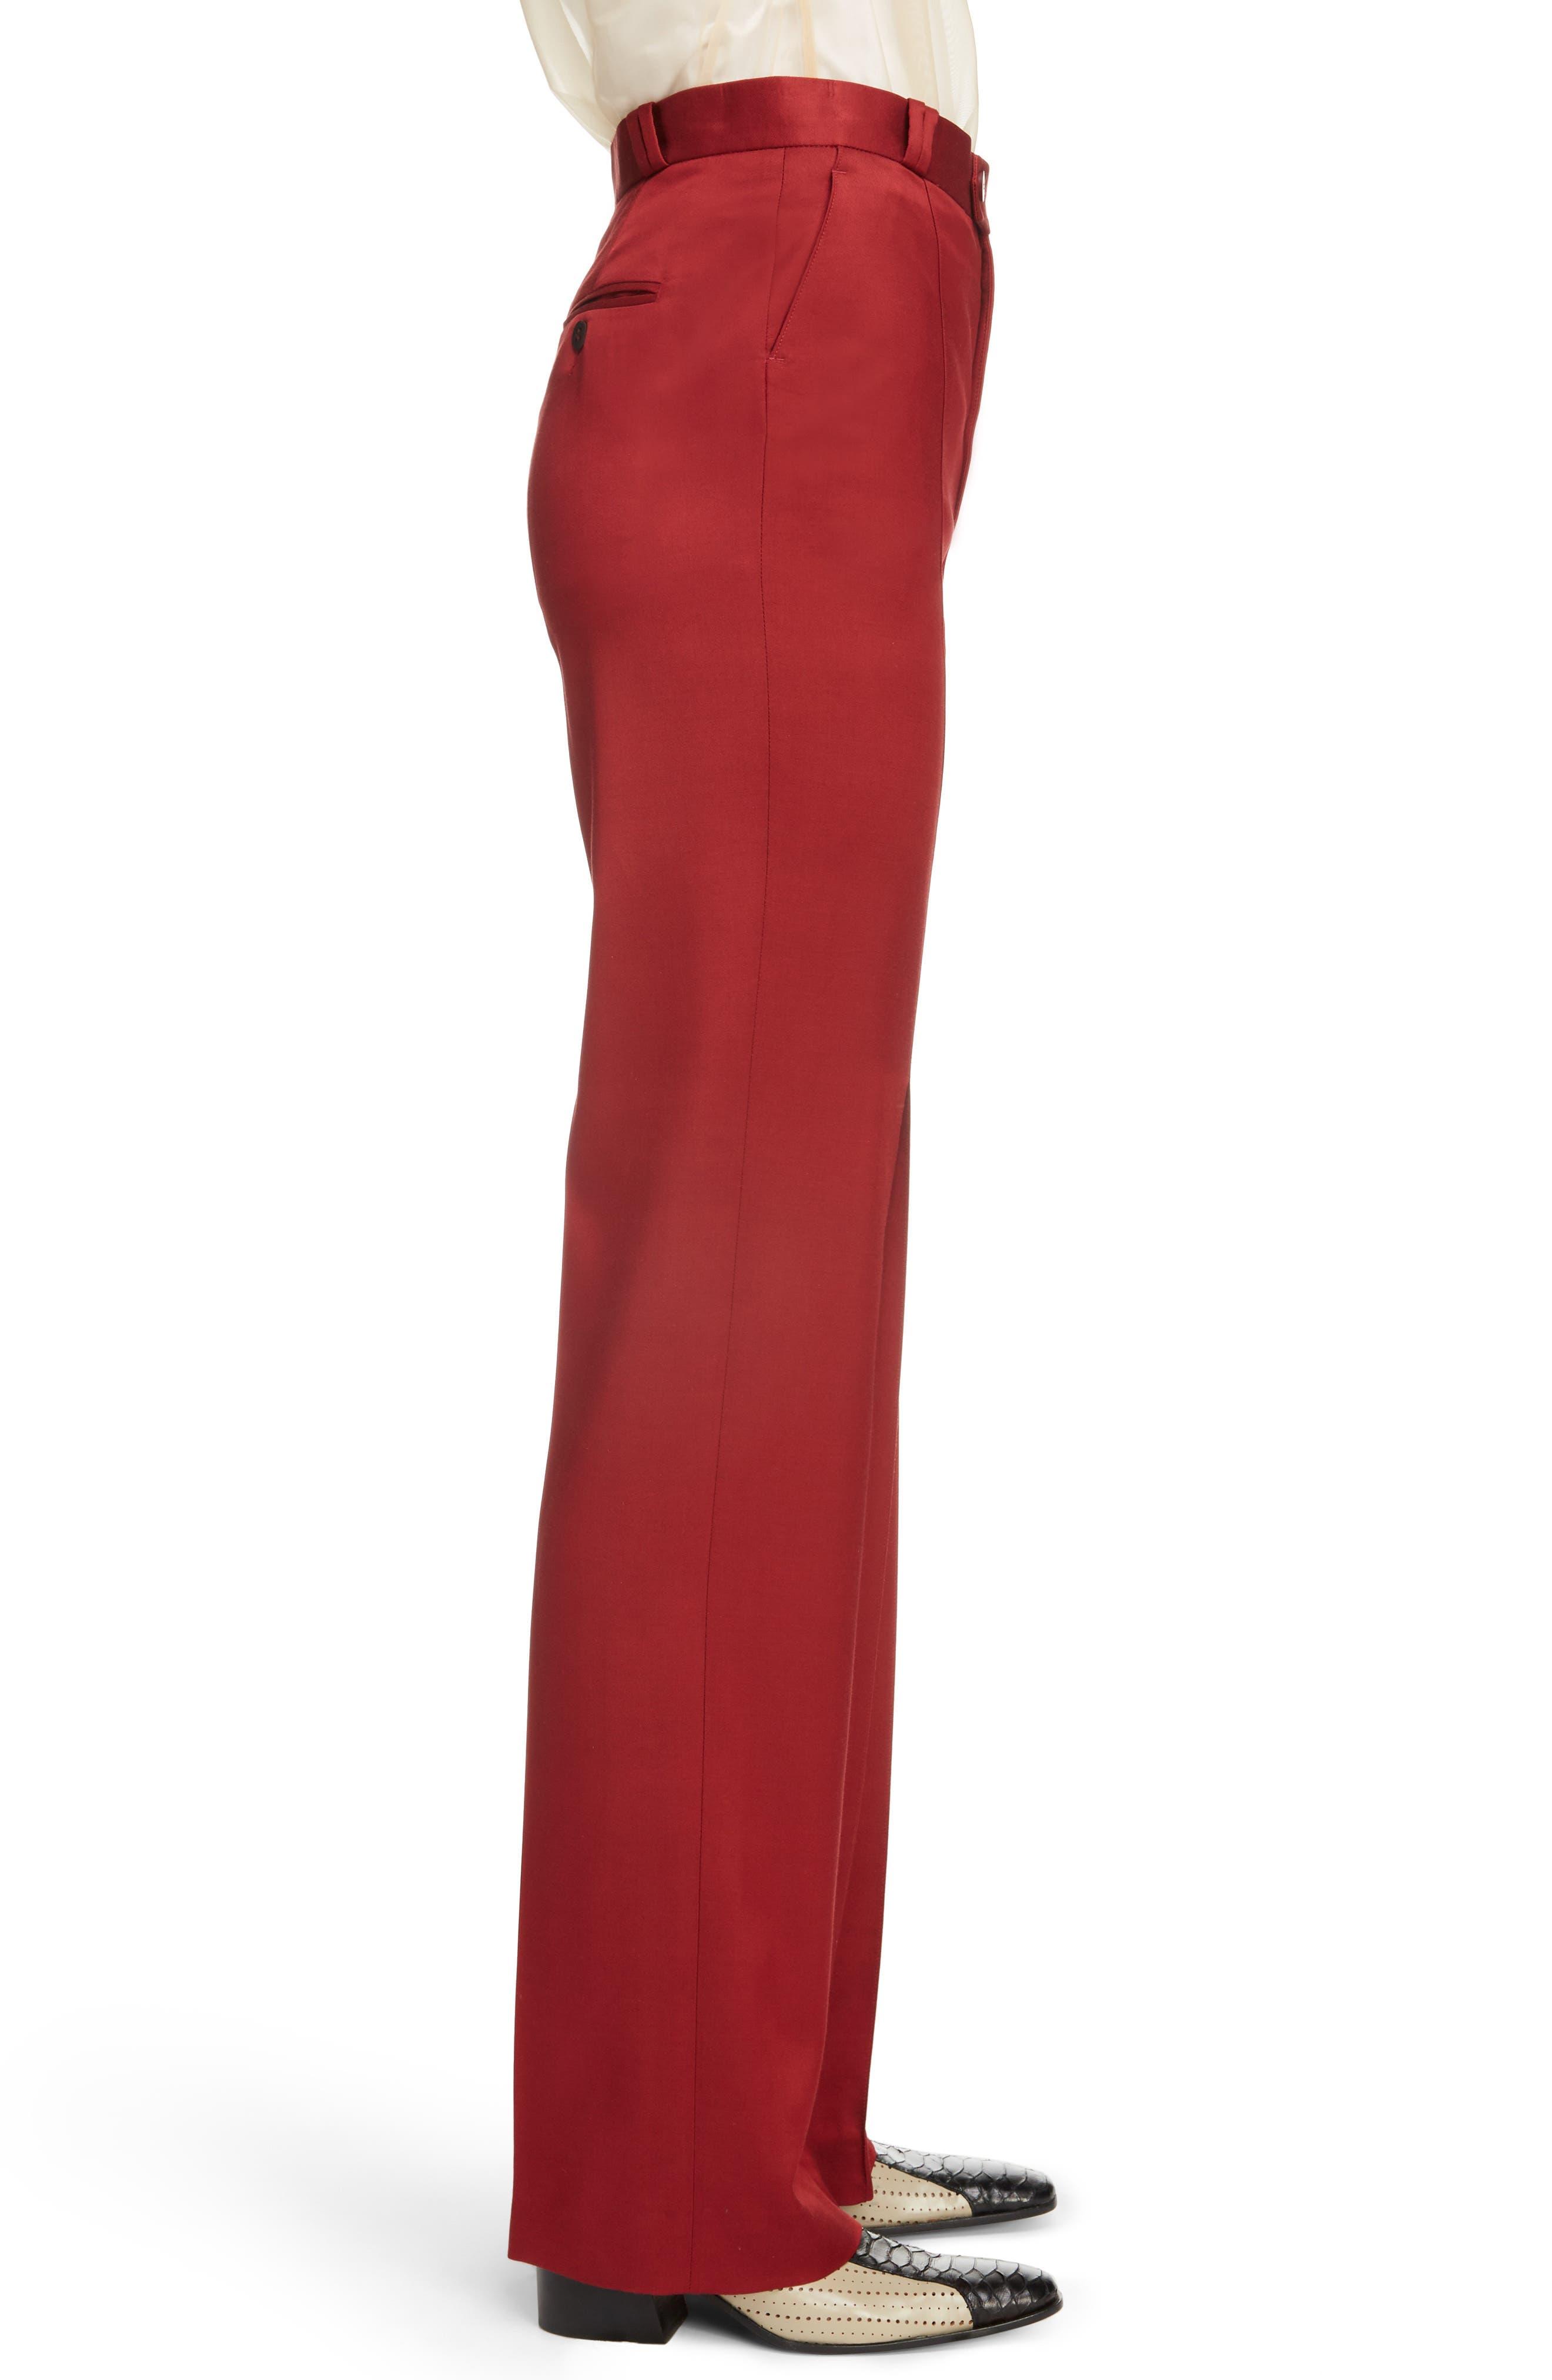 Tohny Suit Pants,                             Alternate thumbnail 4, color,                             Crimson Red